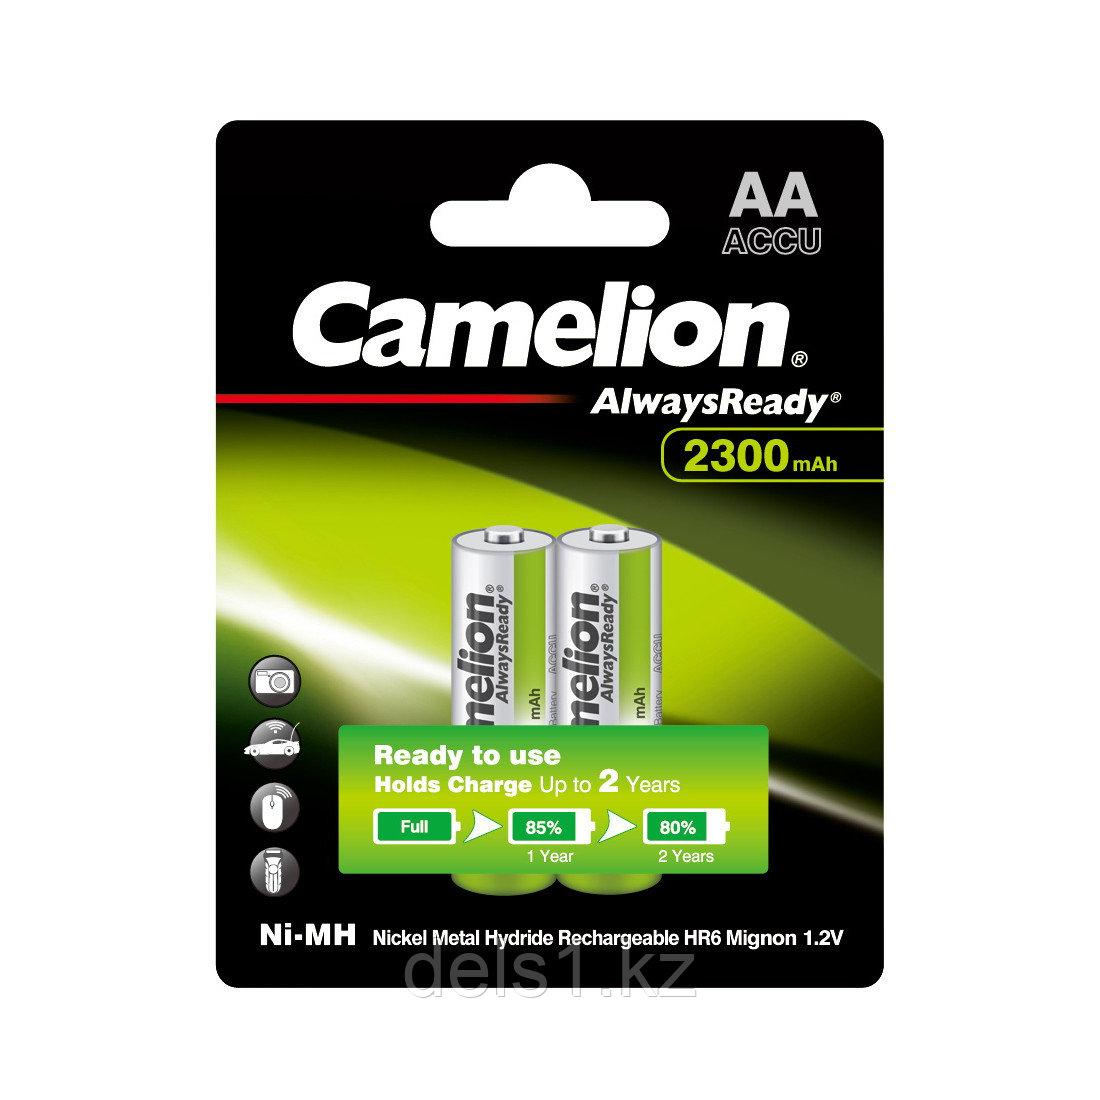 Аккумулятор, CAMELION, NH-AA2300ARBP2, AlwaysReady Rechargeable, AA, 1.2V, 2300 mAh, 2 шт., Блистер